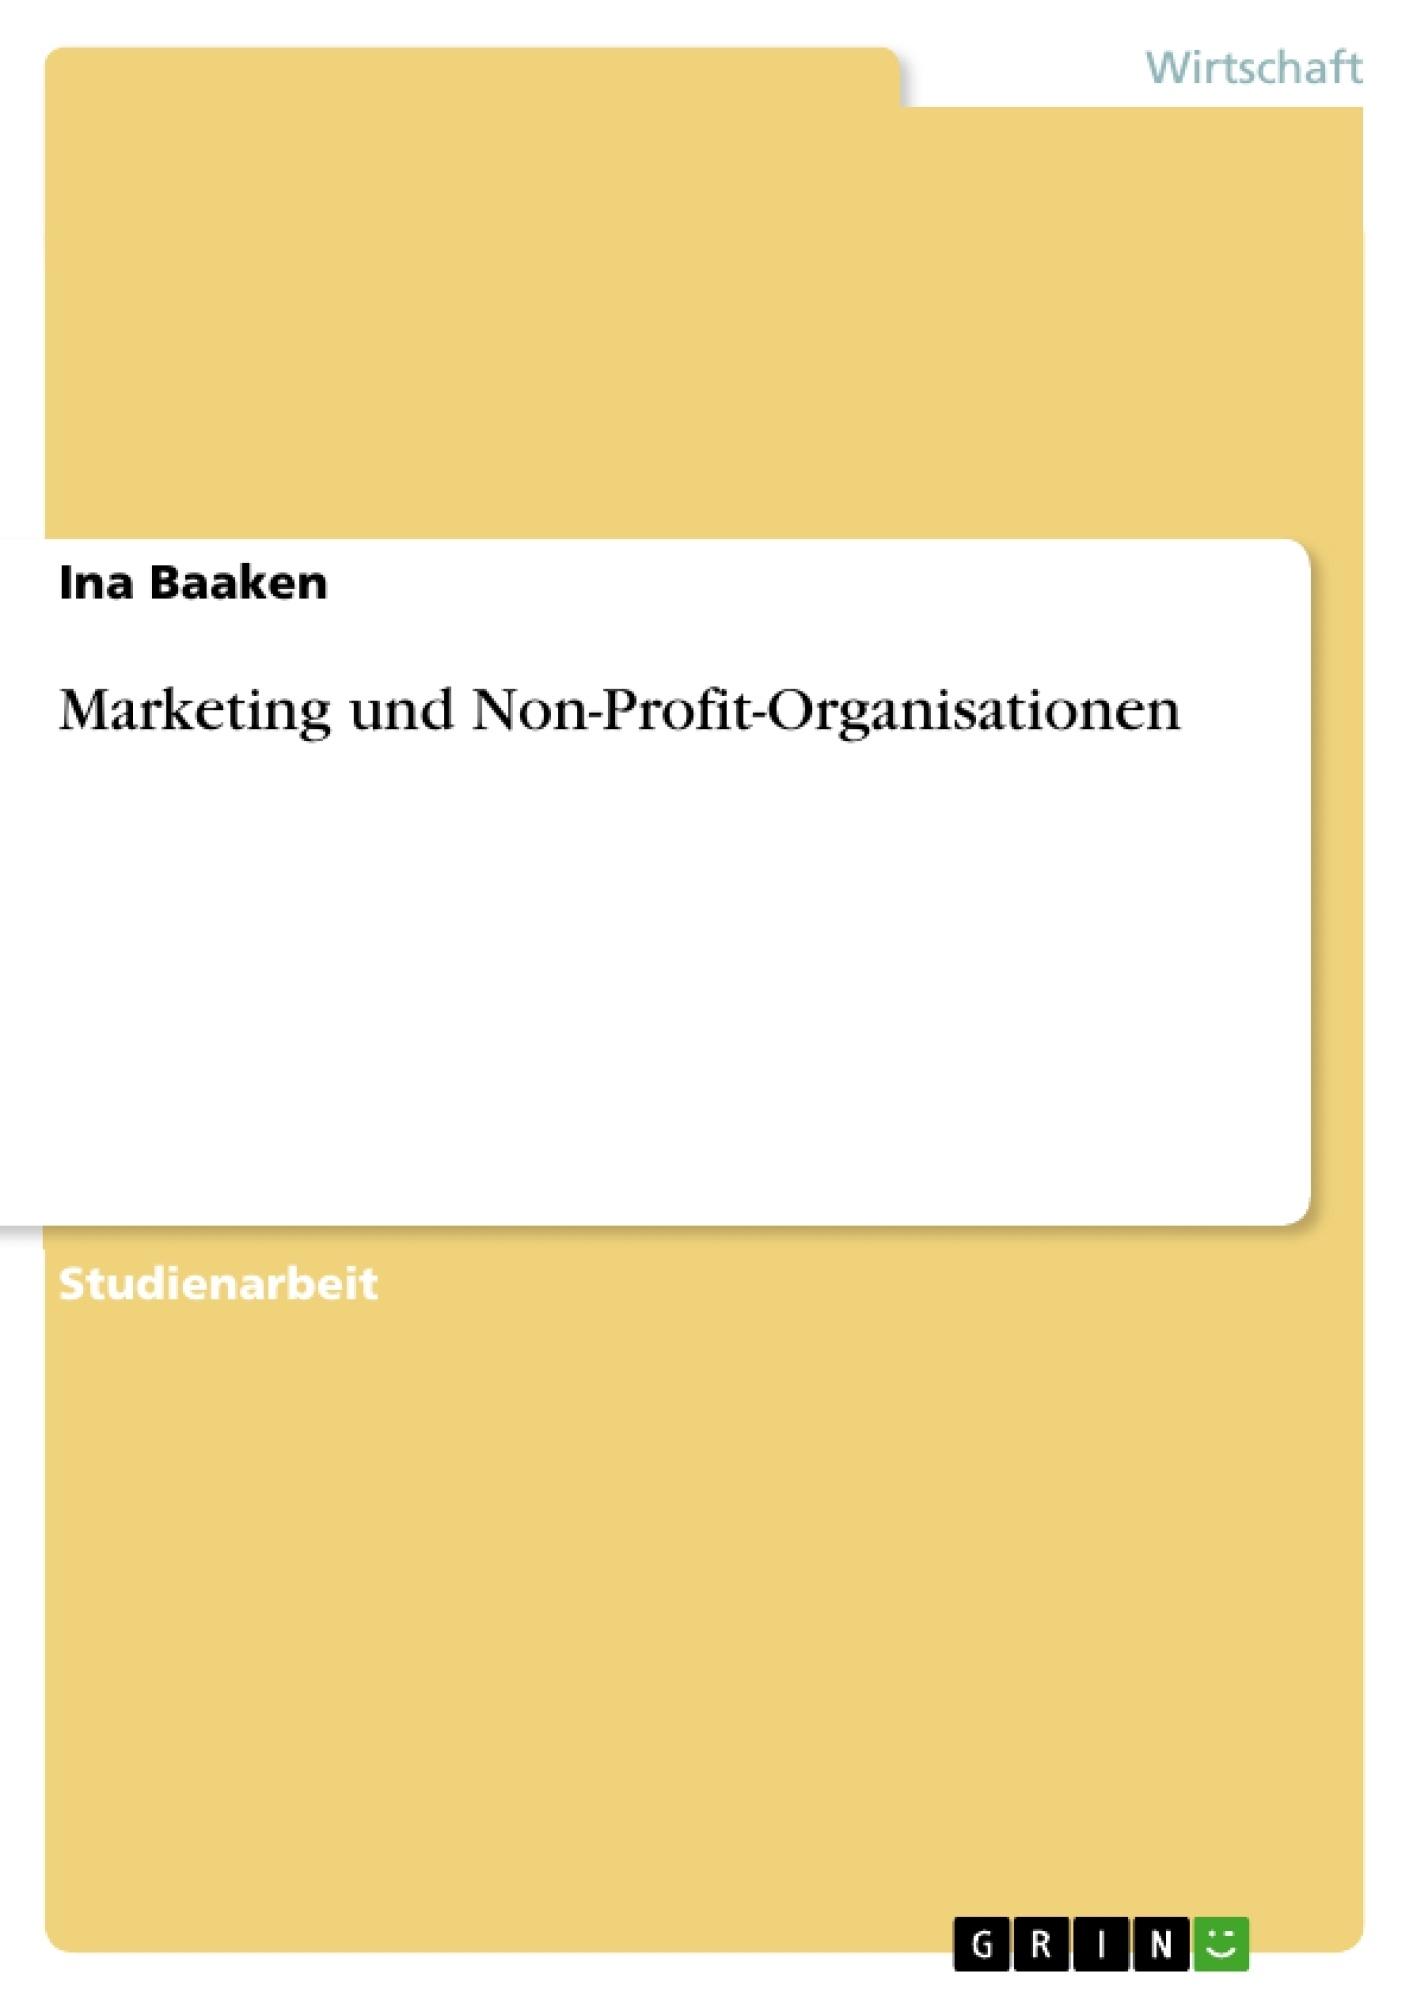 Titel: Marketing und Non-Profit-Organisationen